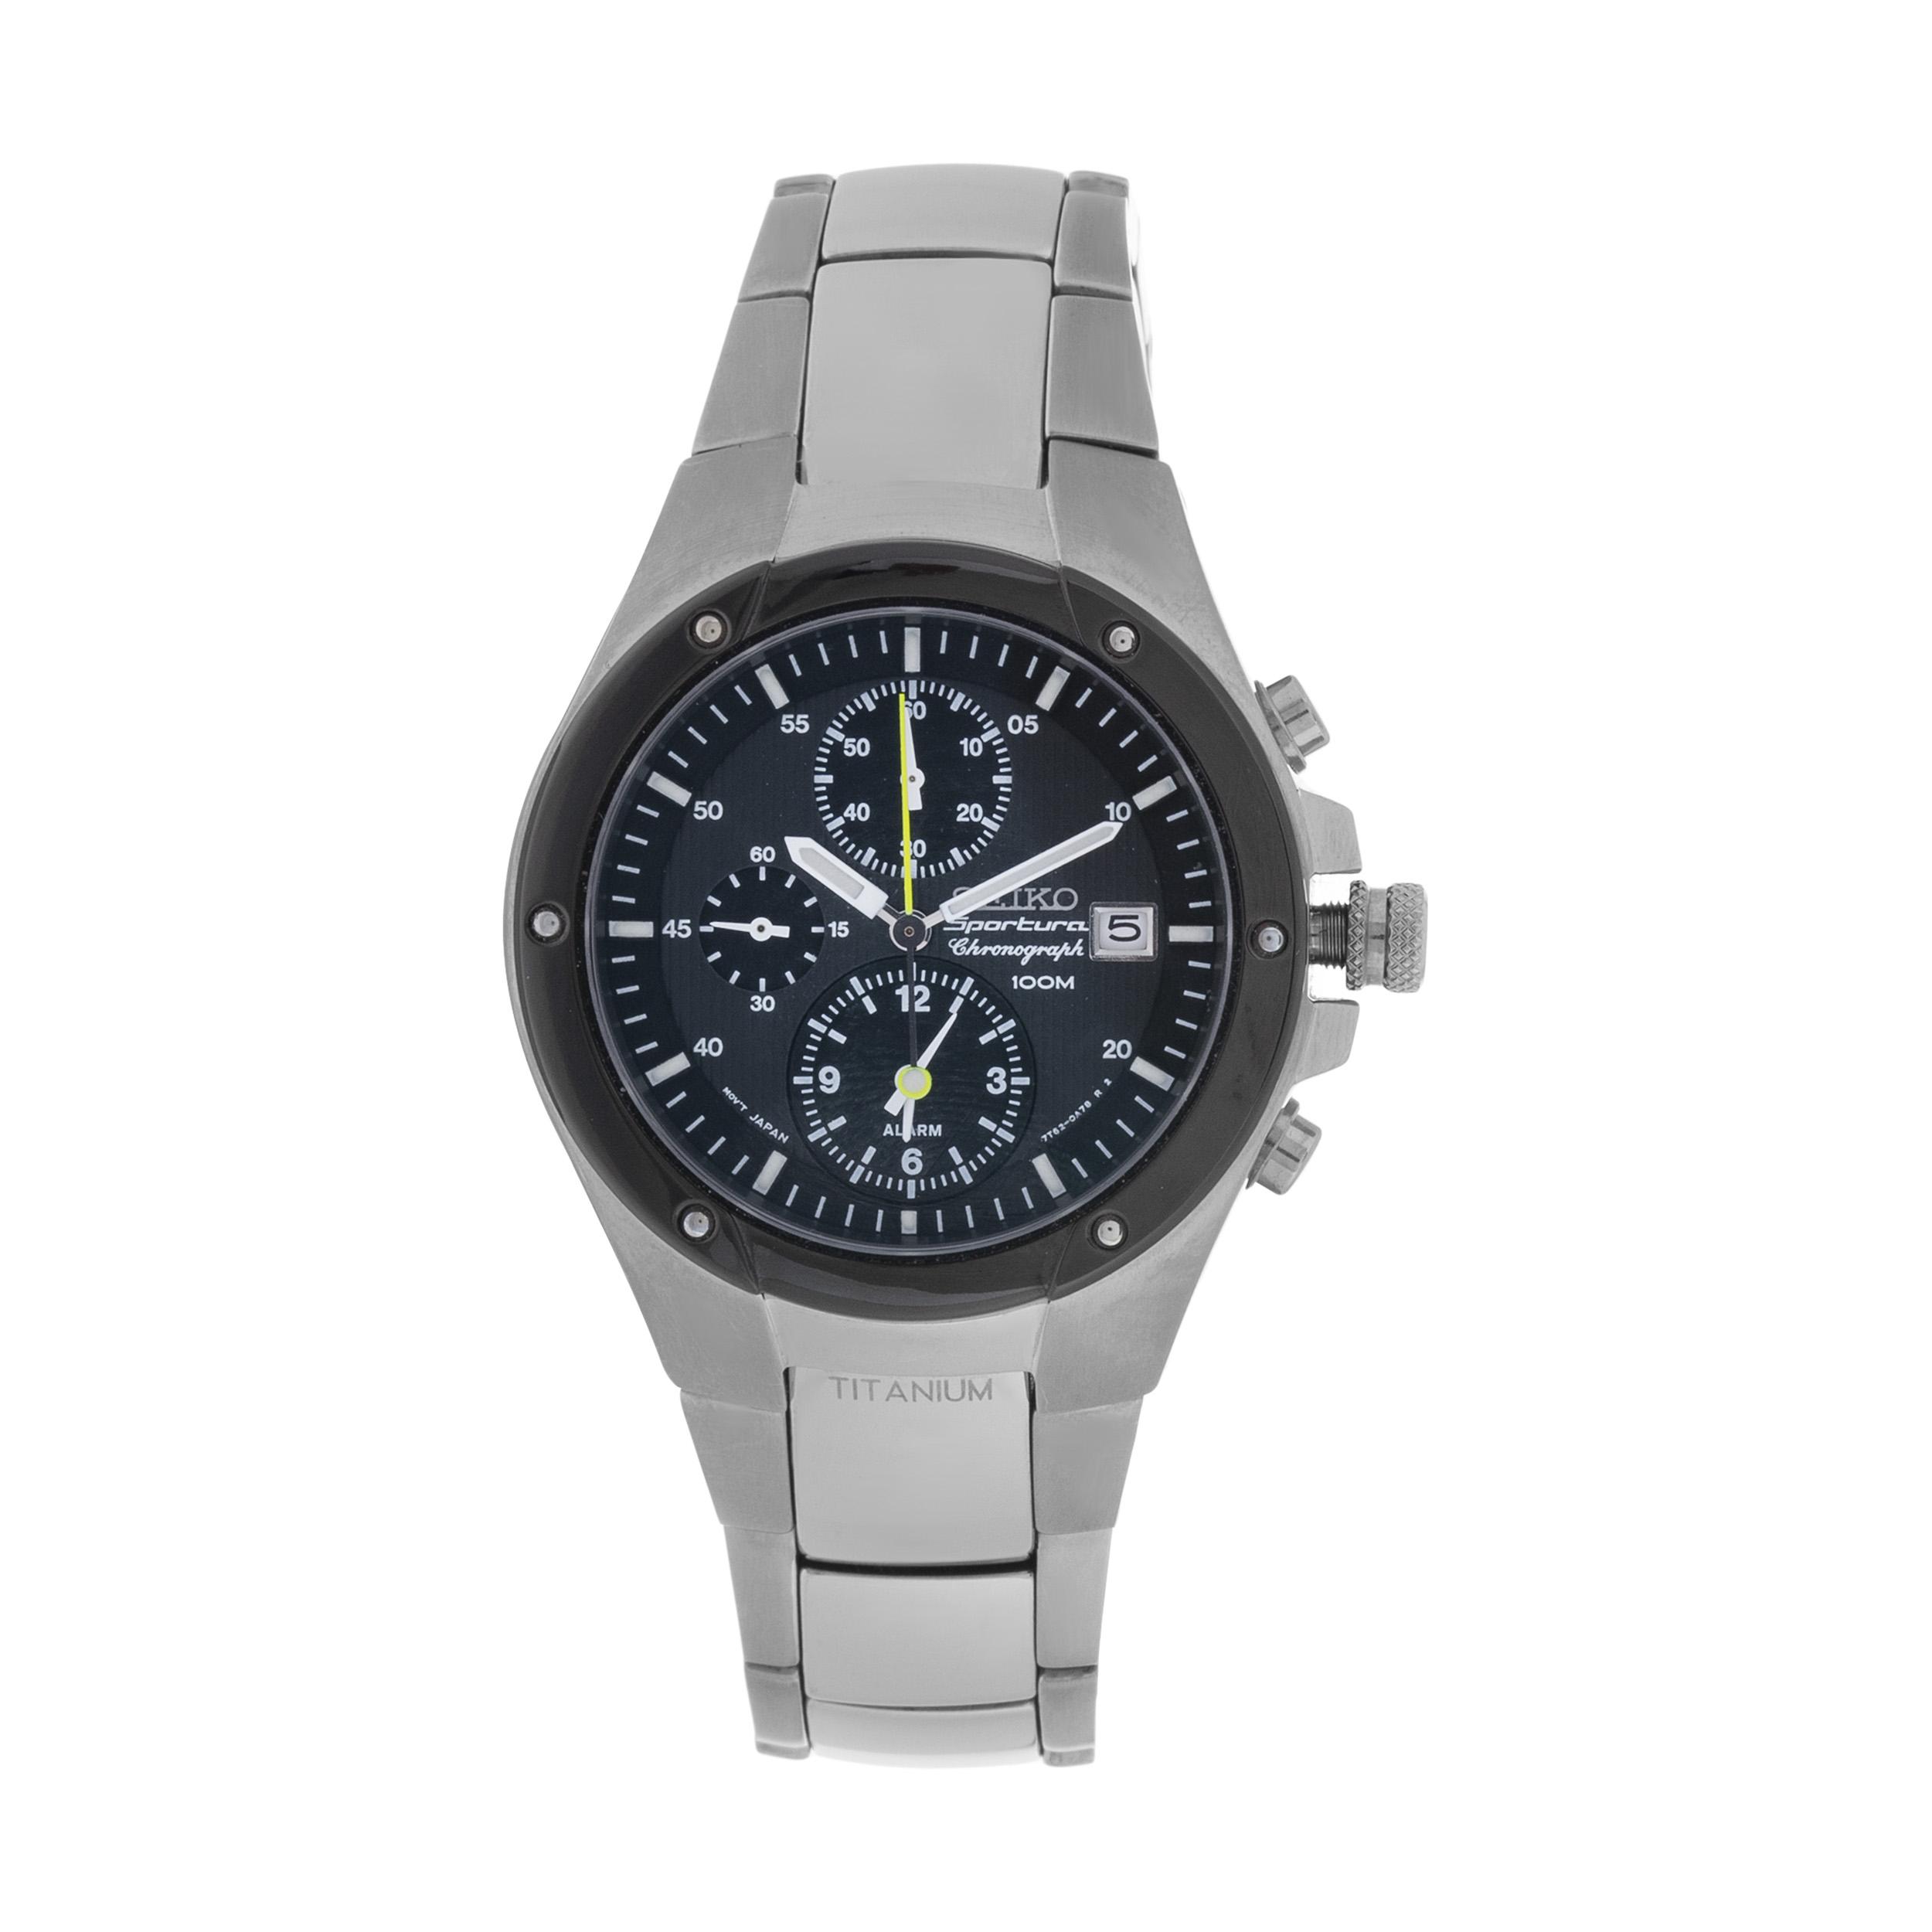 ساعت مچی عقربه ای مردانه سیکو مدل sna017p1